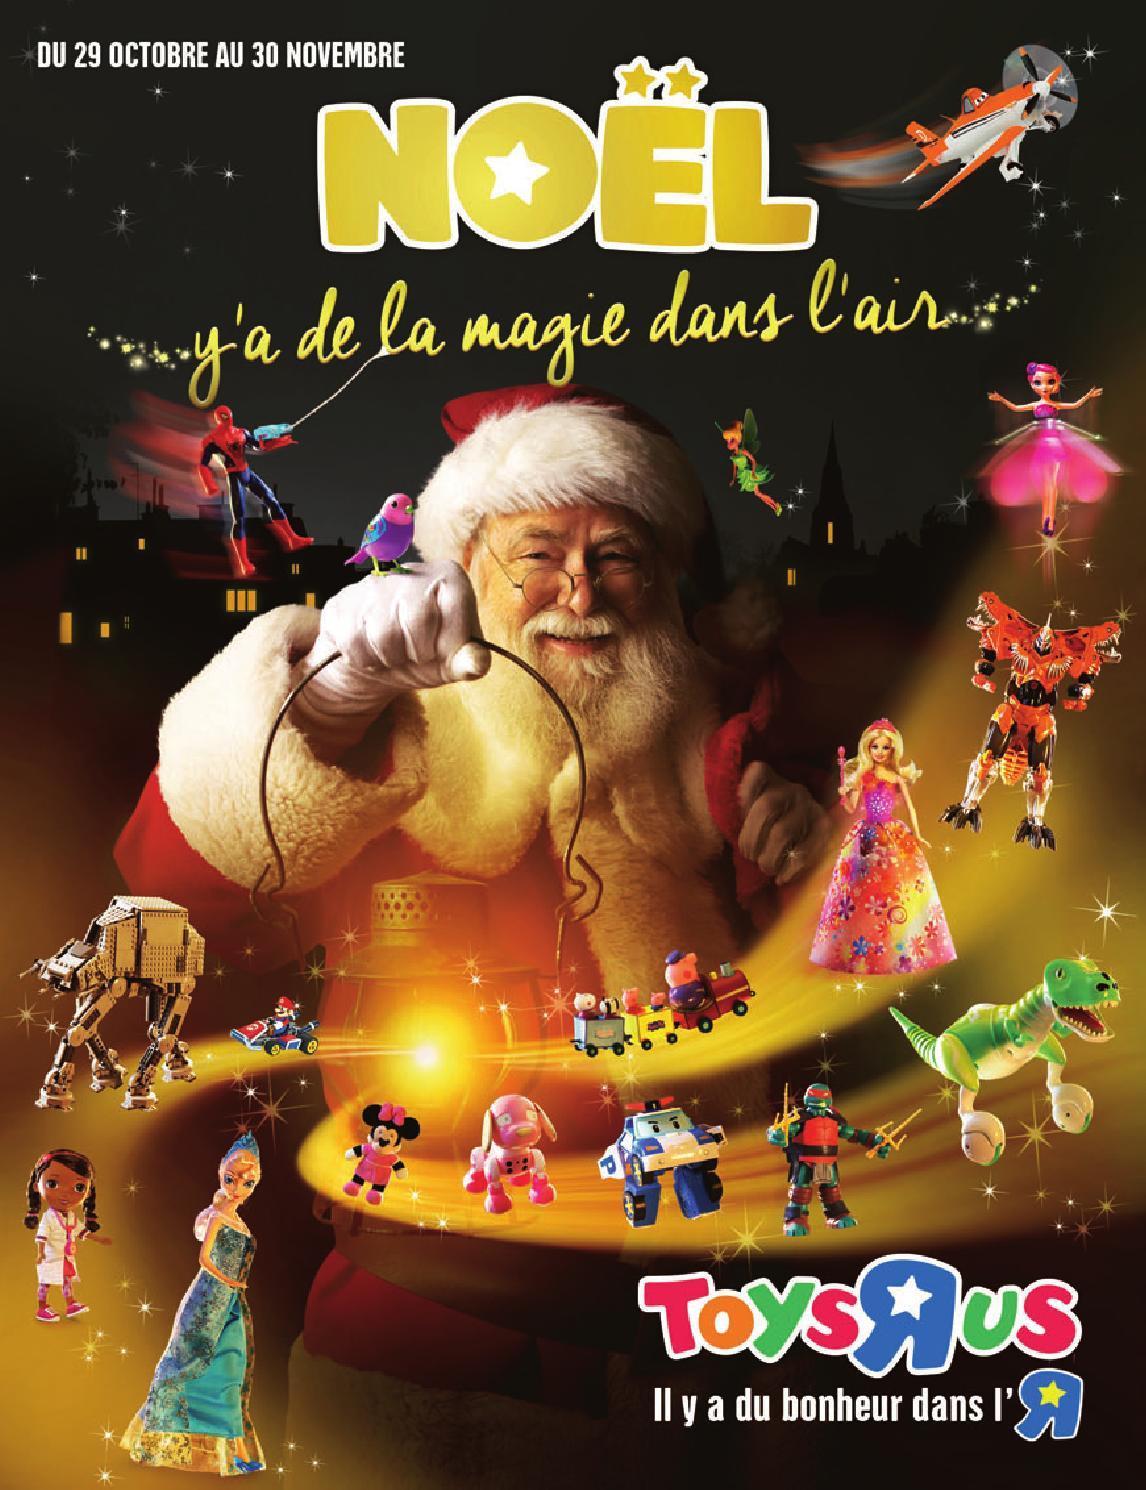 en Polycoton Tissu Enfants Jouets de Noël Casse-Noisette Prix Réduit mètre NOUVEAU